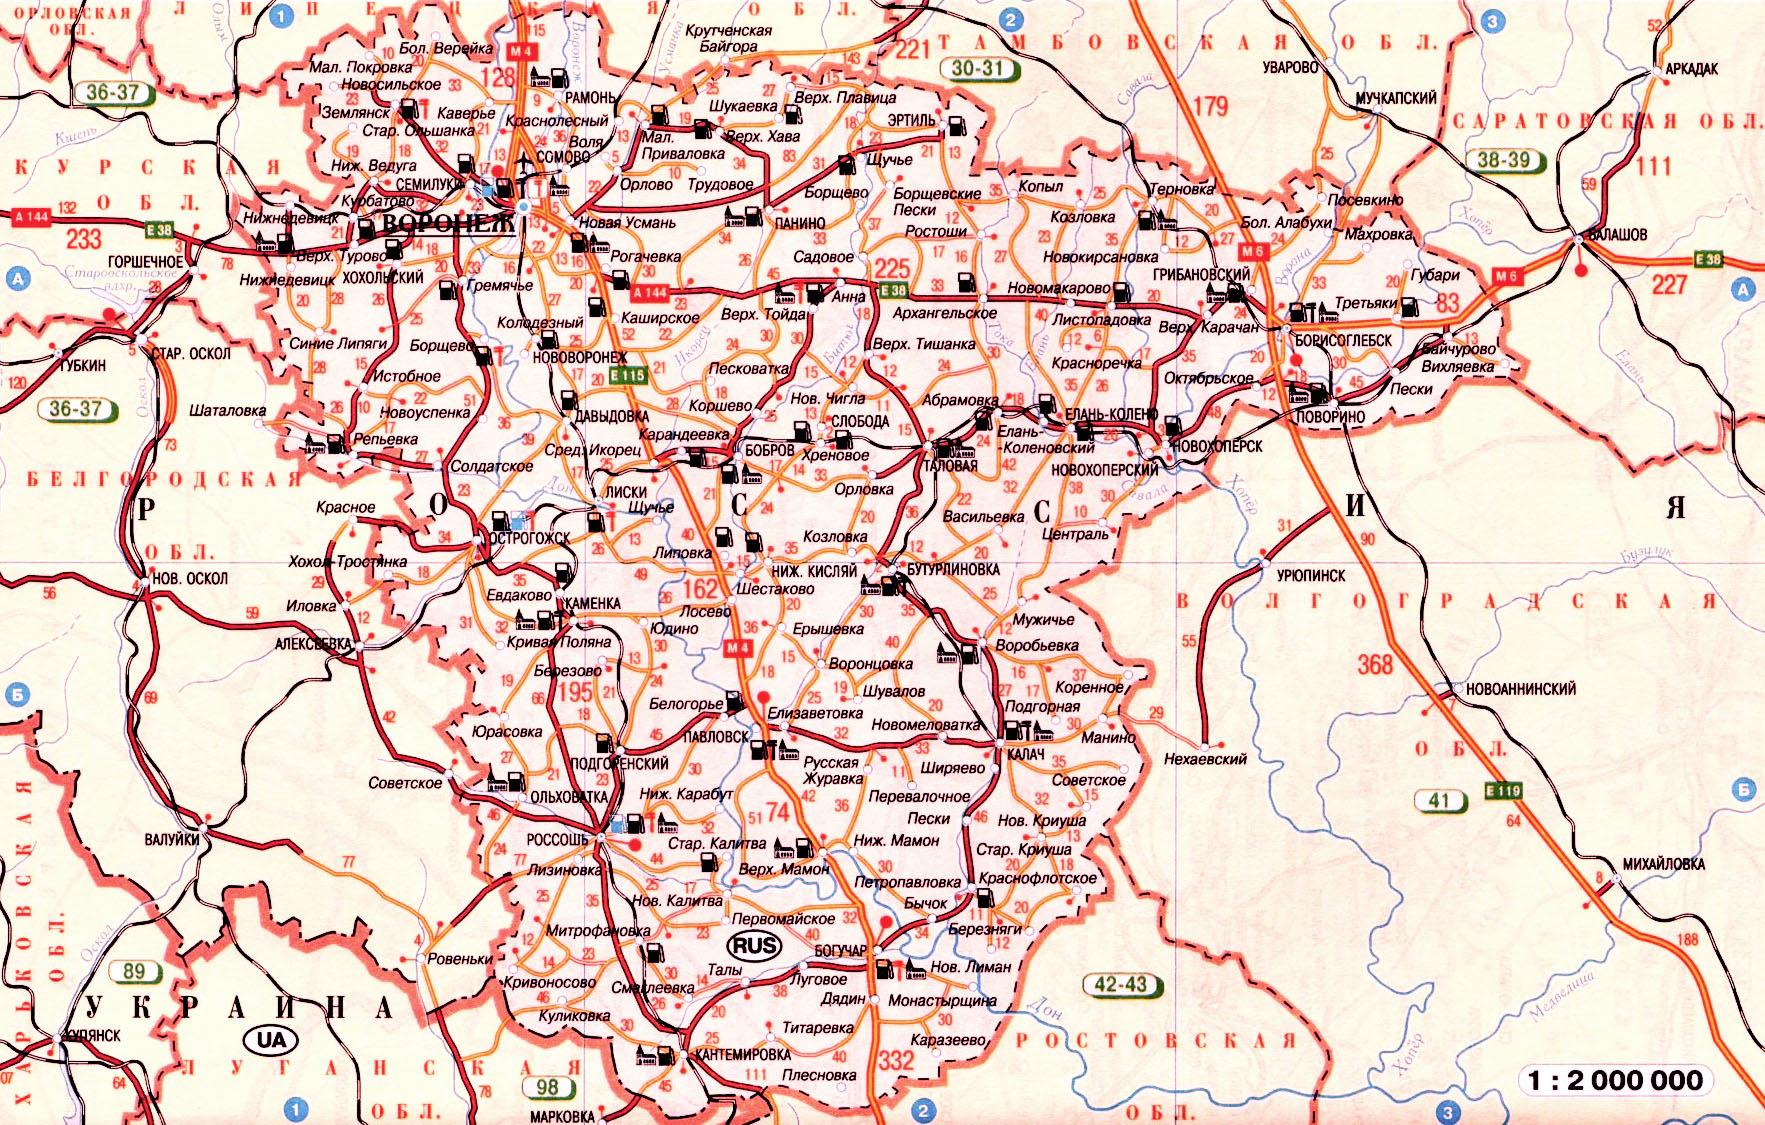 Карта схема автомобильных дорог Воронежской обл России масштаба 1см:20км.